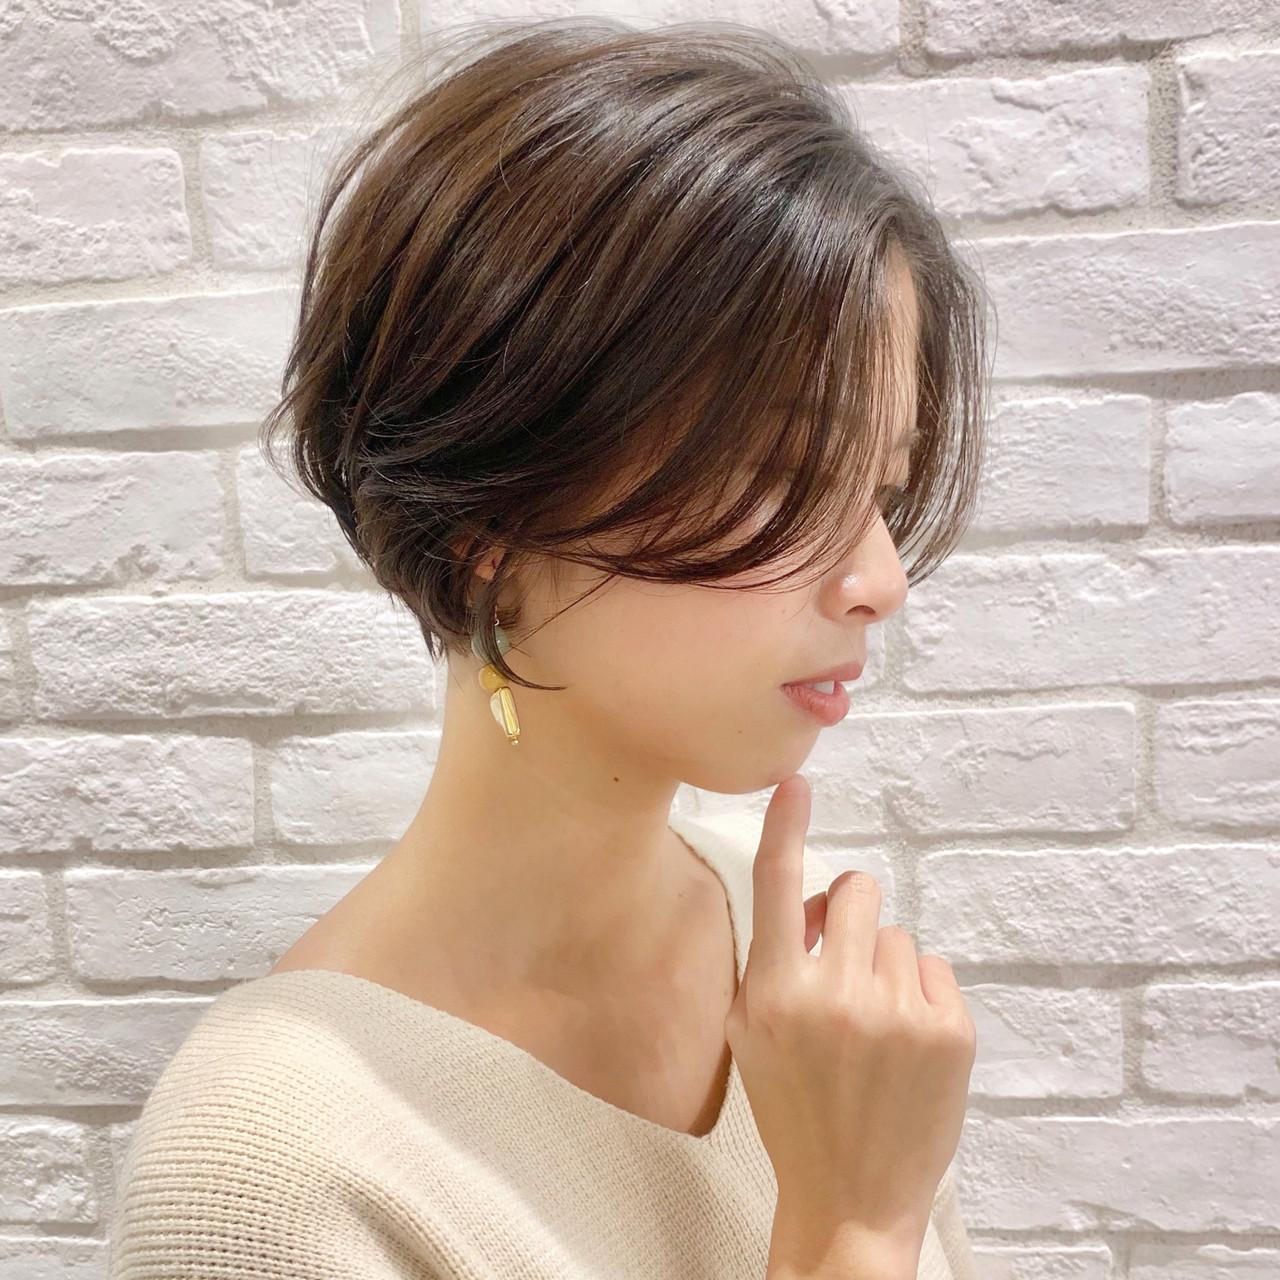 お客様カット✂️前髪はサイドの長さと合わせて、その人に1番合う、長さに設定します?? ・  ・ ご覧頂きありがとうございます? Ramie omotesando でスタイリストをやらせていただいてます山内大成です!✨ (表参道駅から徒歩10秒?です!) ・ hair.make(@garden_tonsoku) ヘアだけでなくメイクアップもしているからこそトータルビューティーの目線でスタイルを作ります?☺️ ・ ⭐️【ショートヘア】【パーマ】支持率日本一⭐️ ・ ❣️独自のパーマ技術【#2wayパーマ 】により自然な柔らかストレートで楽しむのもあり、コテで巻いたゆるふわスタイルでも楽しめます? これでコテもストレートアイロンもしなくても大丈夫?♂️✨ ・ ******************* ・ 収まりが良く、簡単にスタイリングできる、乾かしただけでふわっとかわいい質感、束感が自然にできるヘアスタイル☺︎✂︎ ・ 一人一人に似合ったスタイルを提案できますように丁寧にカウンセリング、施術、スタイリングをして 今まで叶わなかったヘアスタイルを提案、実現できるように全力で頑張ります?❣️ ・ ******************* ・ ・ ・ *毛量が多い *癖で広がる *収まりが悪い *小顔になりたい *美容院に迷ってる *スタイリングが難しい バッサリカットも気軽にご予約ご相談ください❣️ ・ 【⭐️インスタフォローしてご提示ください⭐️】 ・ ・ ・ ○○○ ご予約方法 ○○○ ネットでのご予約が大変取りづらくなっております‼️ 【 × 】しかない場合はお電話(☎️0357754300) インスタからダイレクトメール?も可能です! ○○○○○○○○○○○○ ・ ・ ⏰ご予約可能営業時間⏰ ・ 火・水 11:00 ~ 20:30 木・金 11:30 ~ 21:00  土・日 10:00 ~ 19:00  祝 日 10:00 ~ 19:00  月曜日 定休 ・ ・ GARDEN Ramie omotesando  東京都港区南青山3-18-11 ヴァンセットビル4F tel. 03-5775-4300 http://ramie-hair.jp/   ・ ・ ・ #iPhone美容師#ショートボブの匠#ミディアムヘア も得意 #愛されバング#オイルセット#サイドシルエット#辺見えみり#小顔#グレージュ#lala_hair#ハンサムショート#比留川游#ヘアスタイル#ショートカット#ブルージュ#ボブ#前下がり#ショートヘア#ショートボブ#gu#snidel #코디#เสื้อผ้าแฟชั่น#時尚#前髪カット#短发#髪質改善#新垣結衣#波瑠#ショートヘアアレンジ